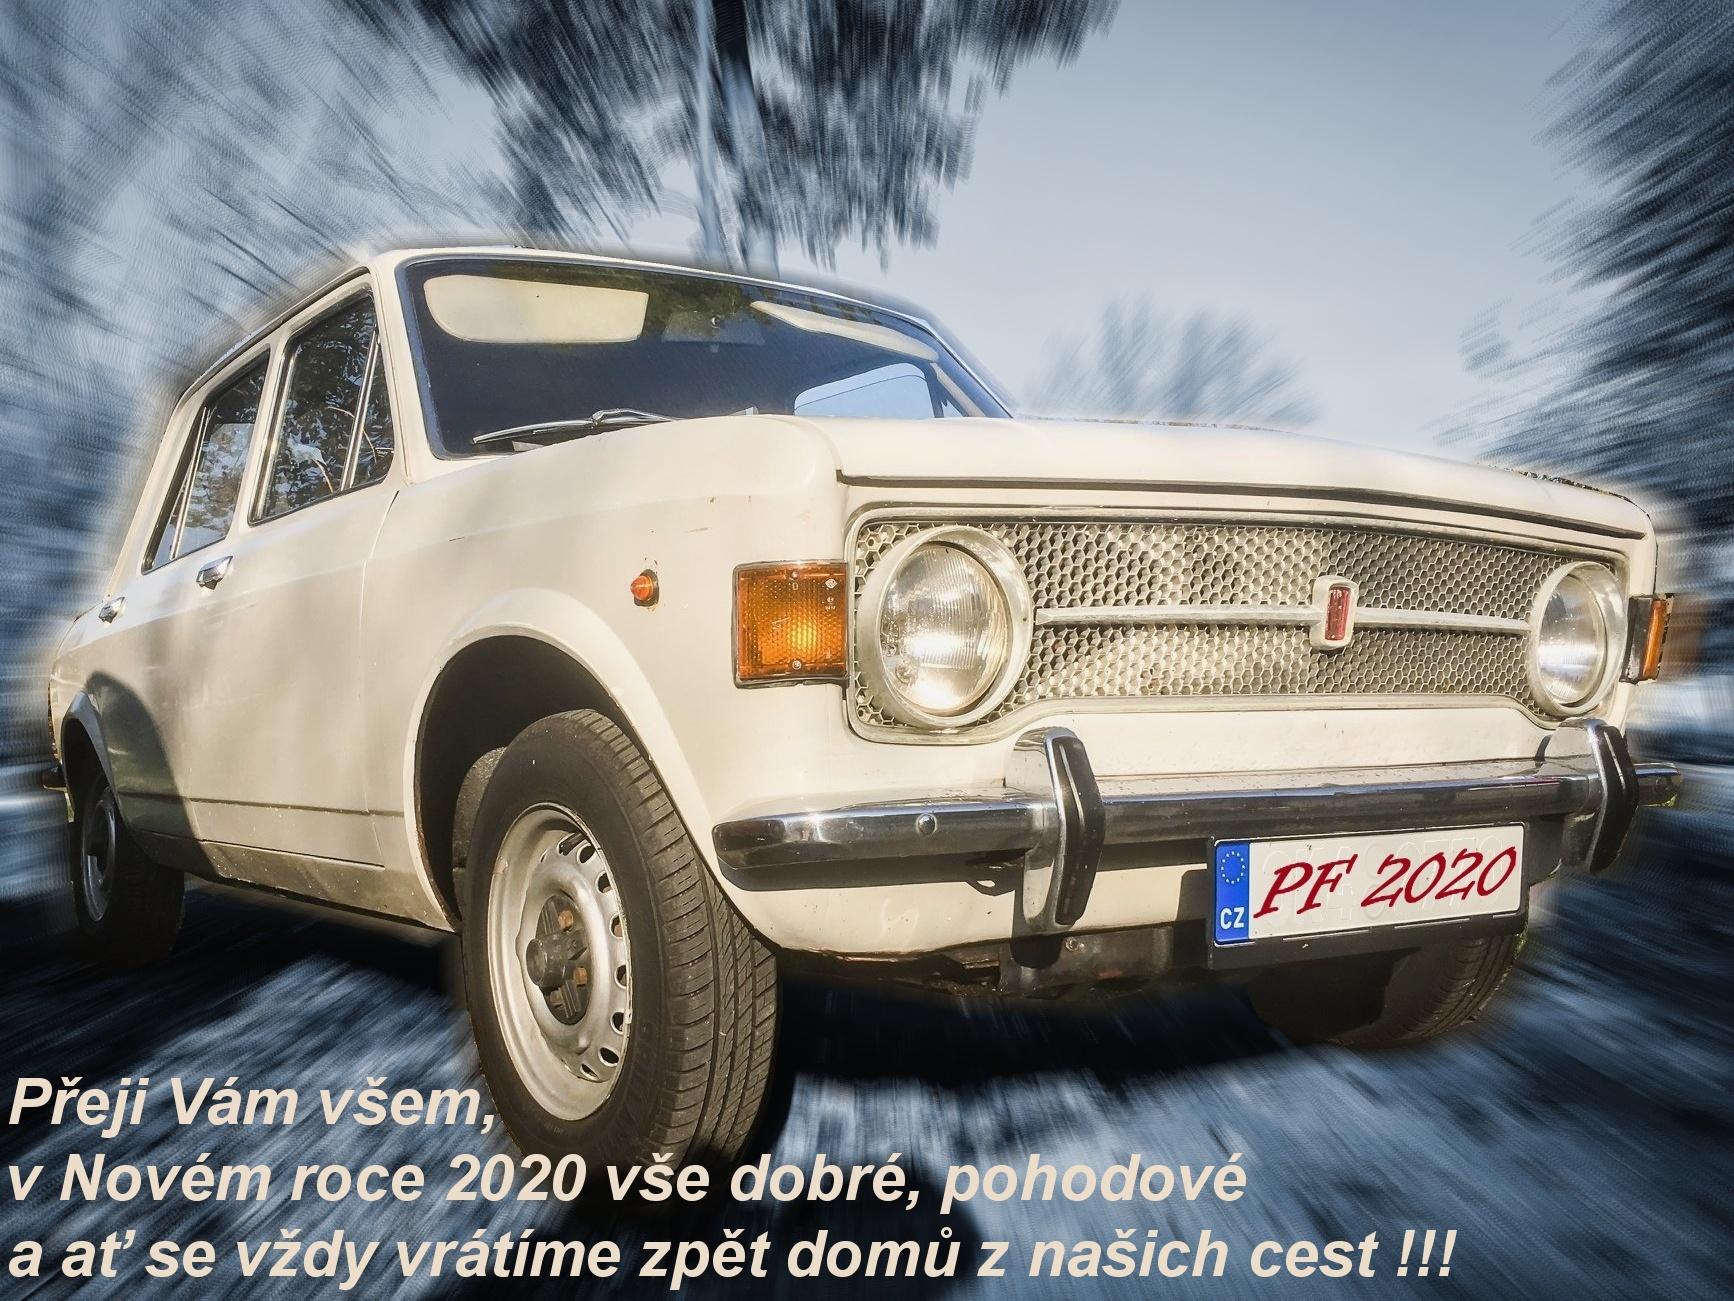 PF_2020_Fiat128_6_2020-01-07.jpg